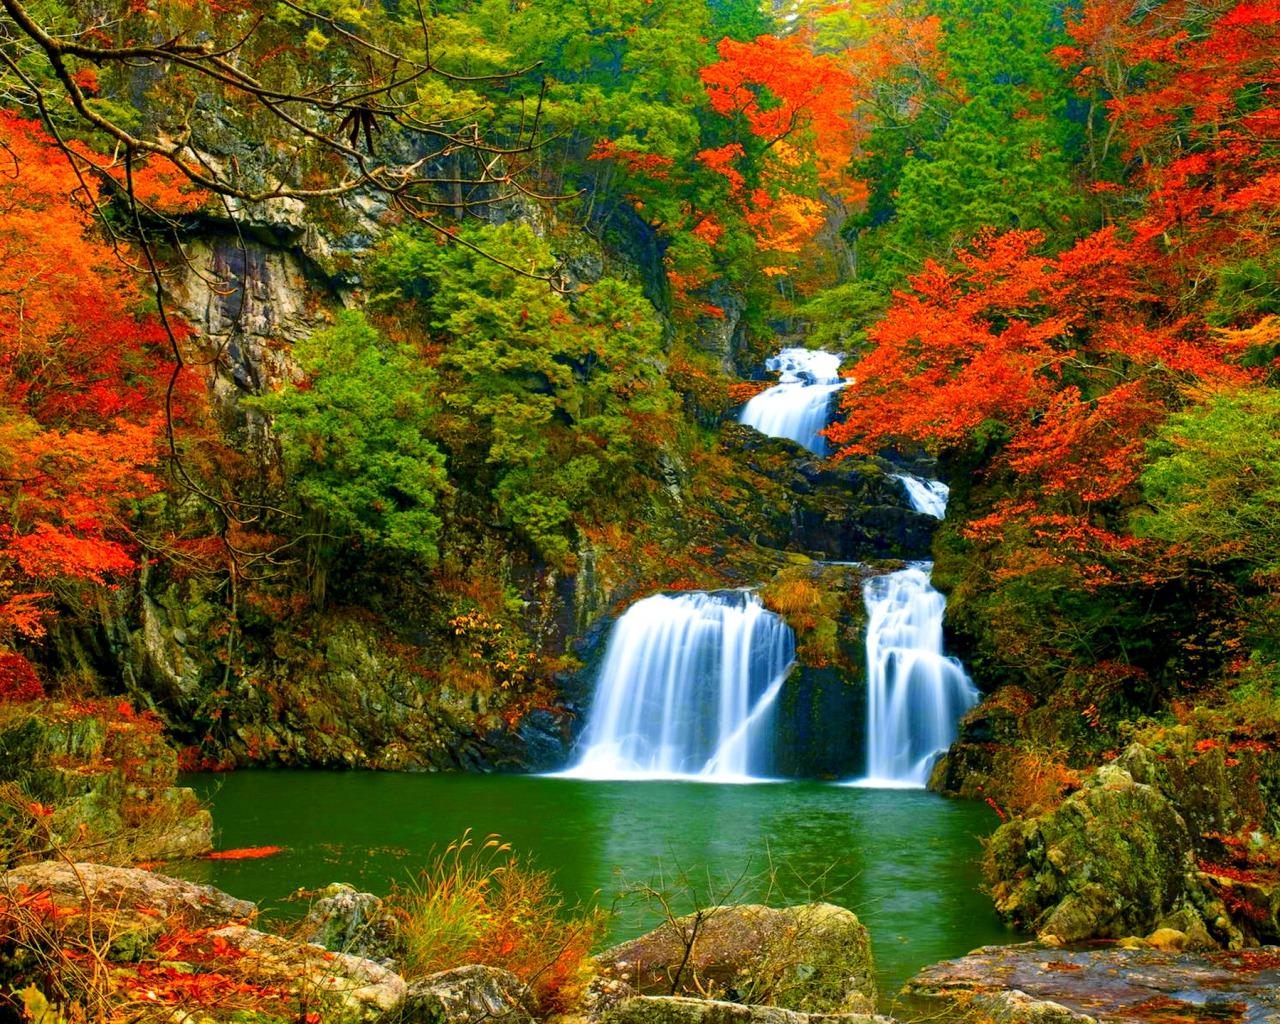 Jog Falls Hd Wallpaper A Term 233 Szet Szeretete Őszi V 237 Zes 233 S 157420 K 233 P